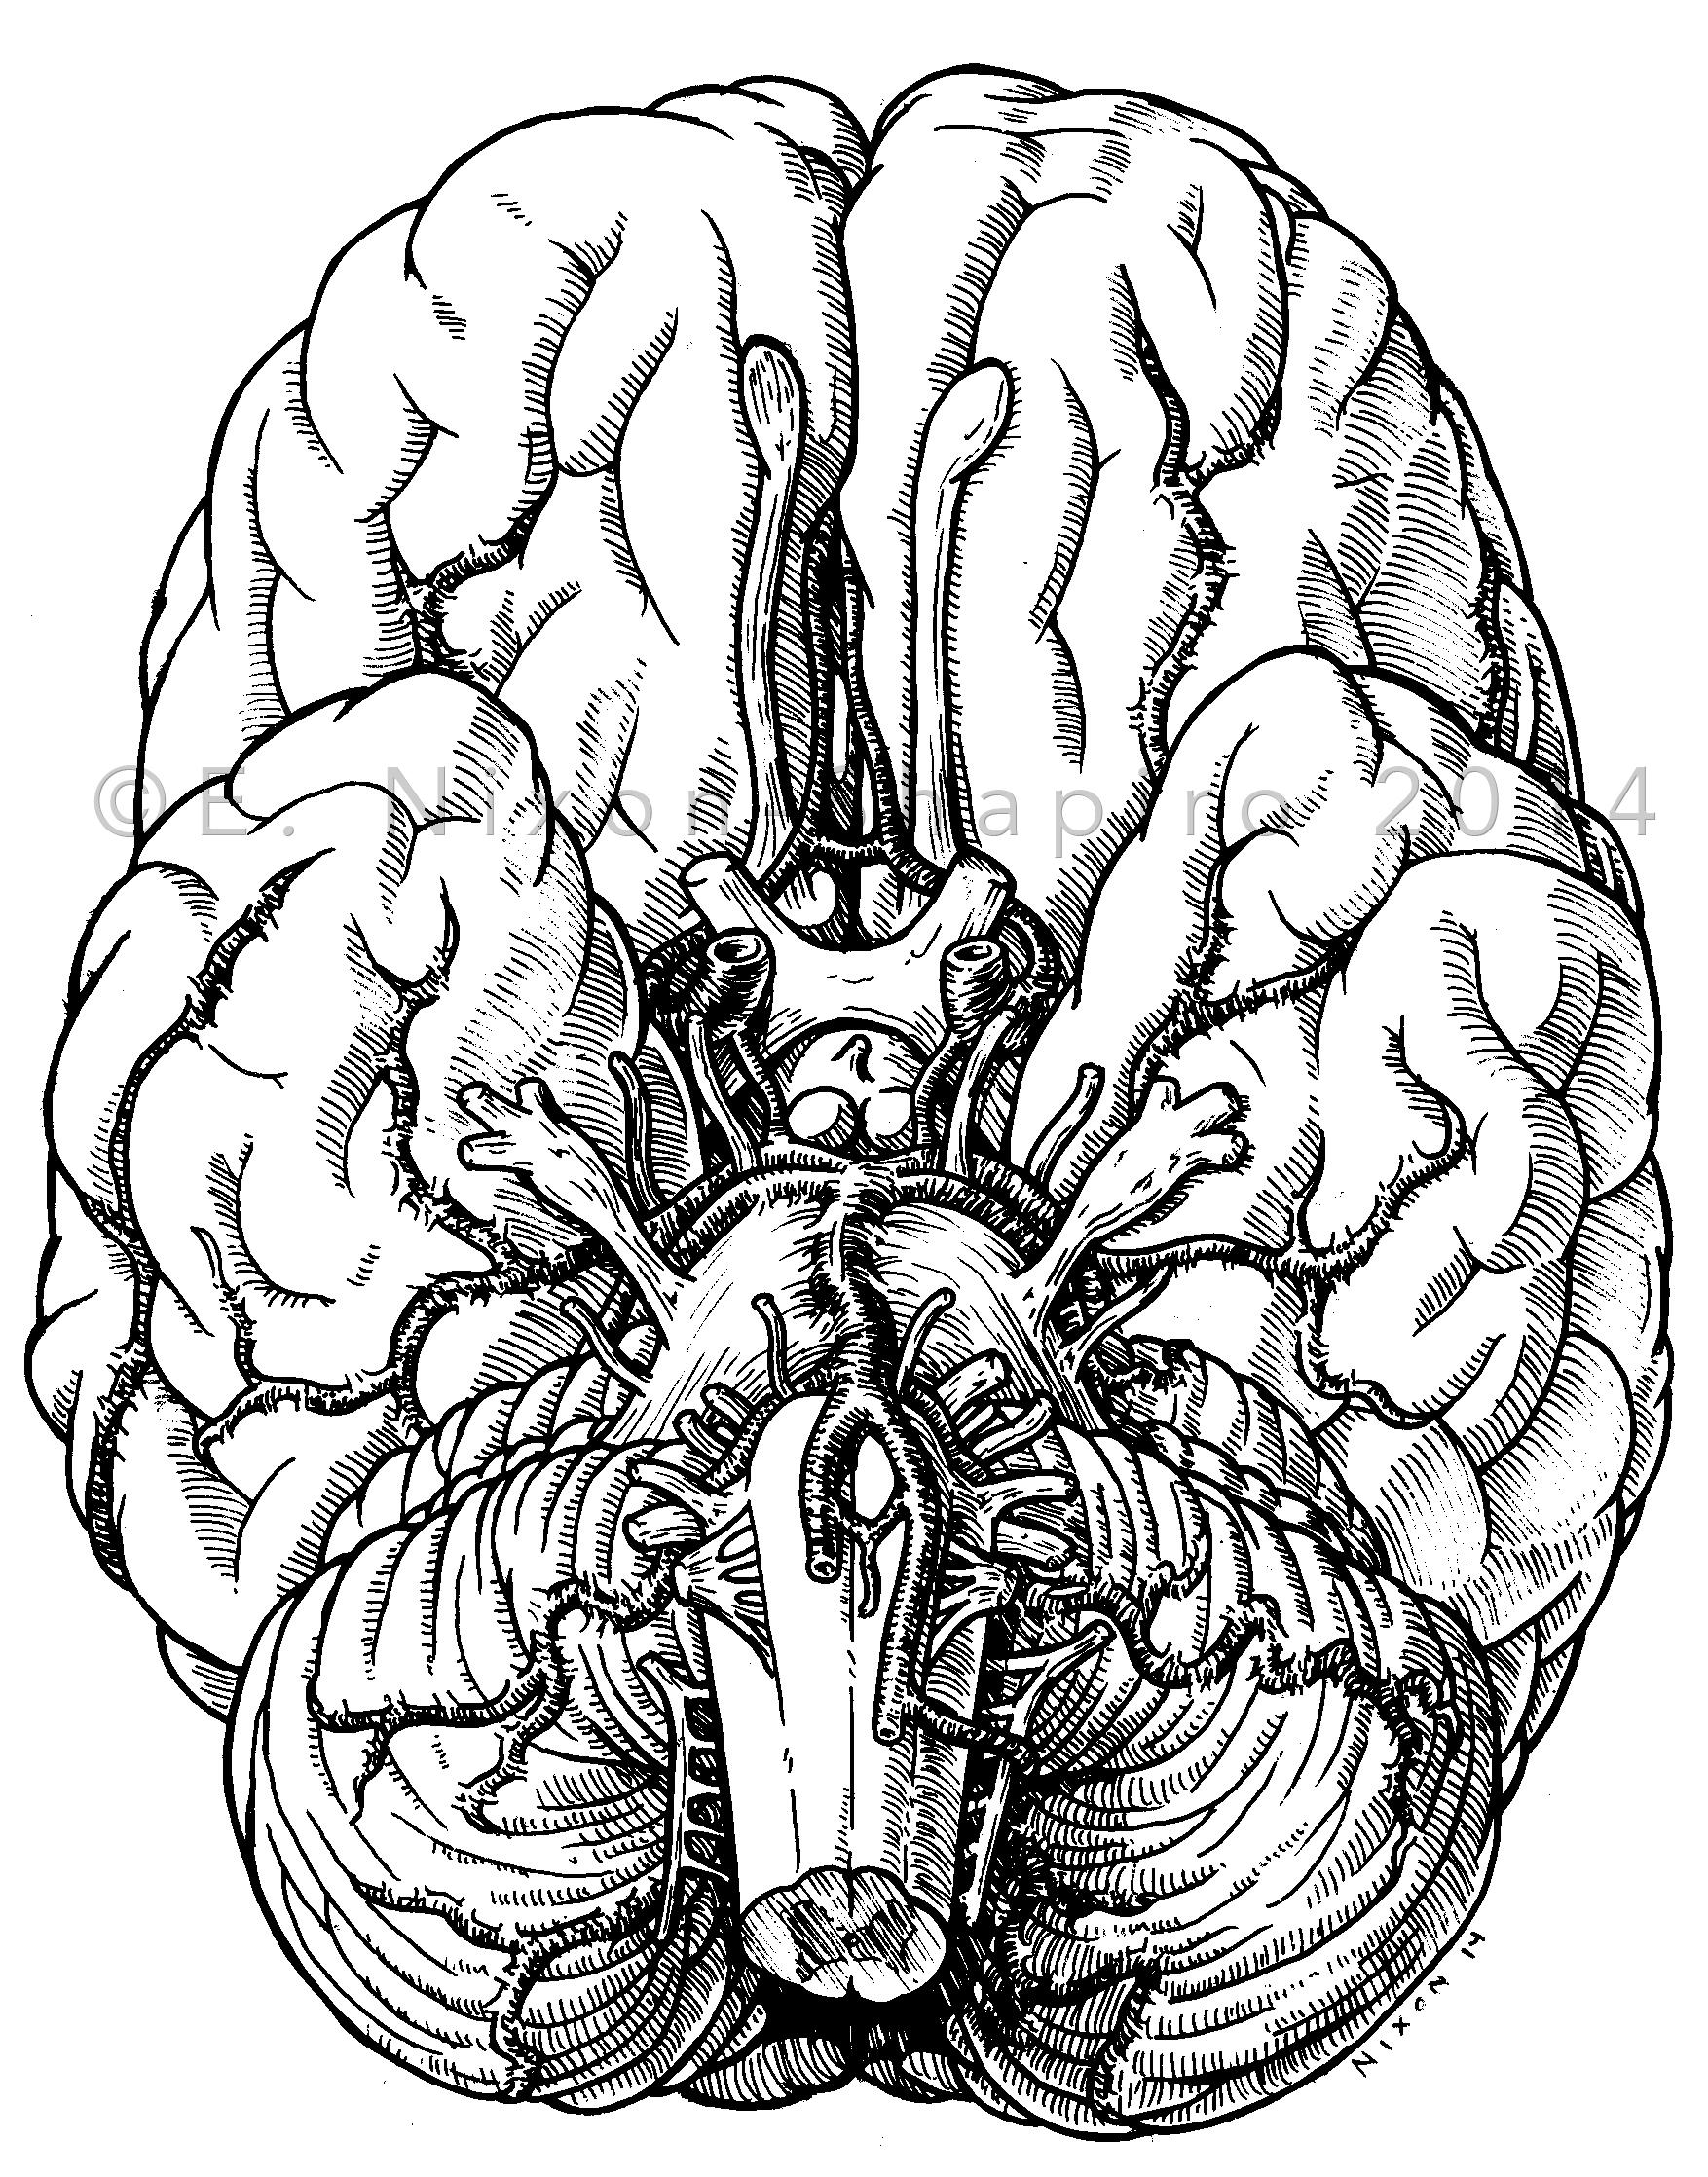 Ventral Aspect of the Brain